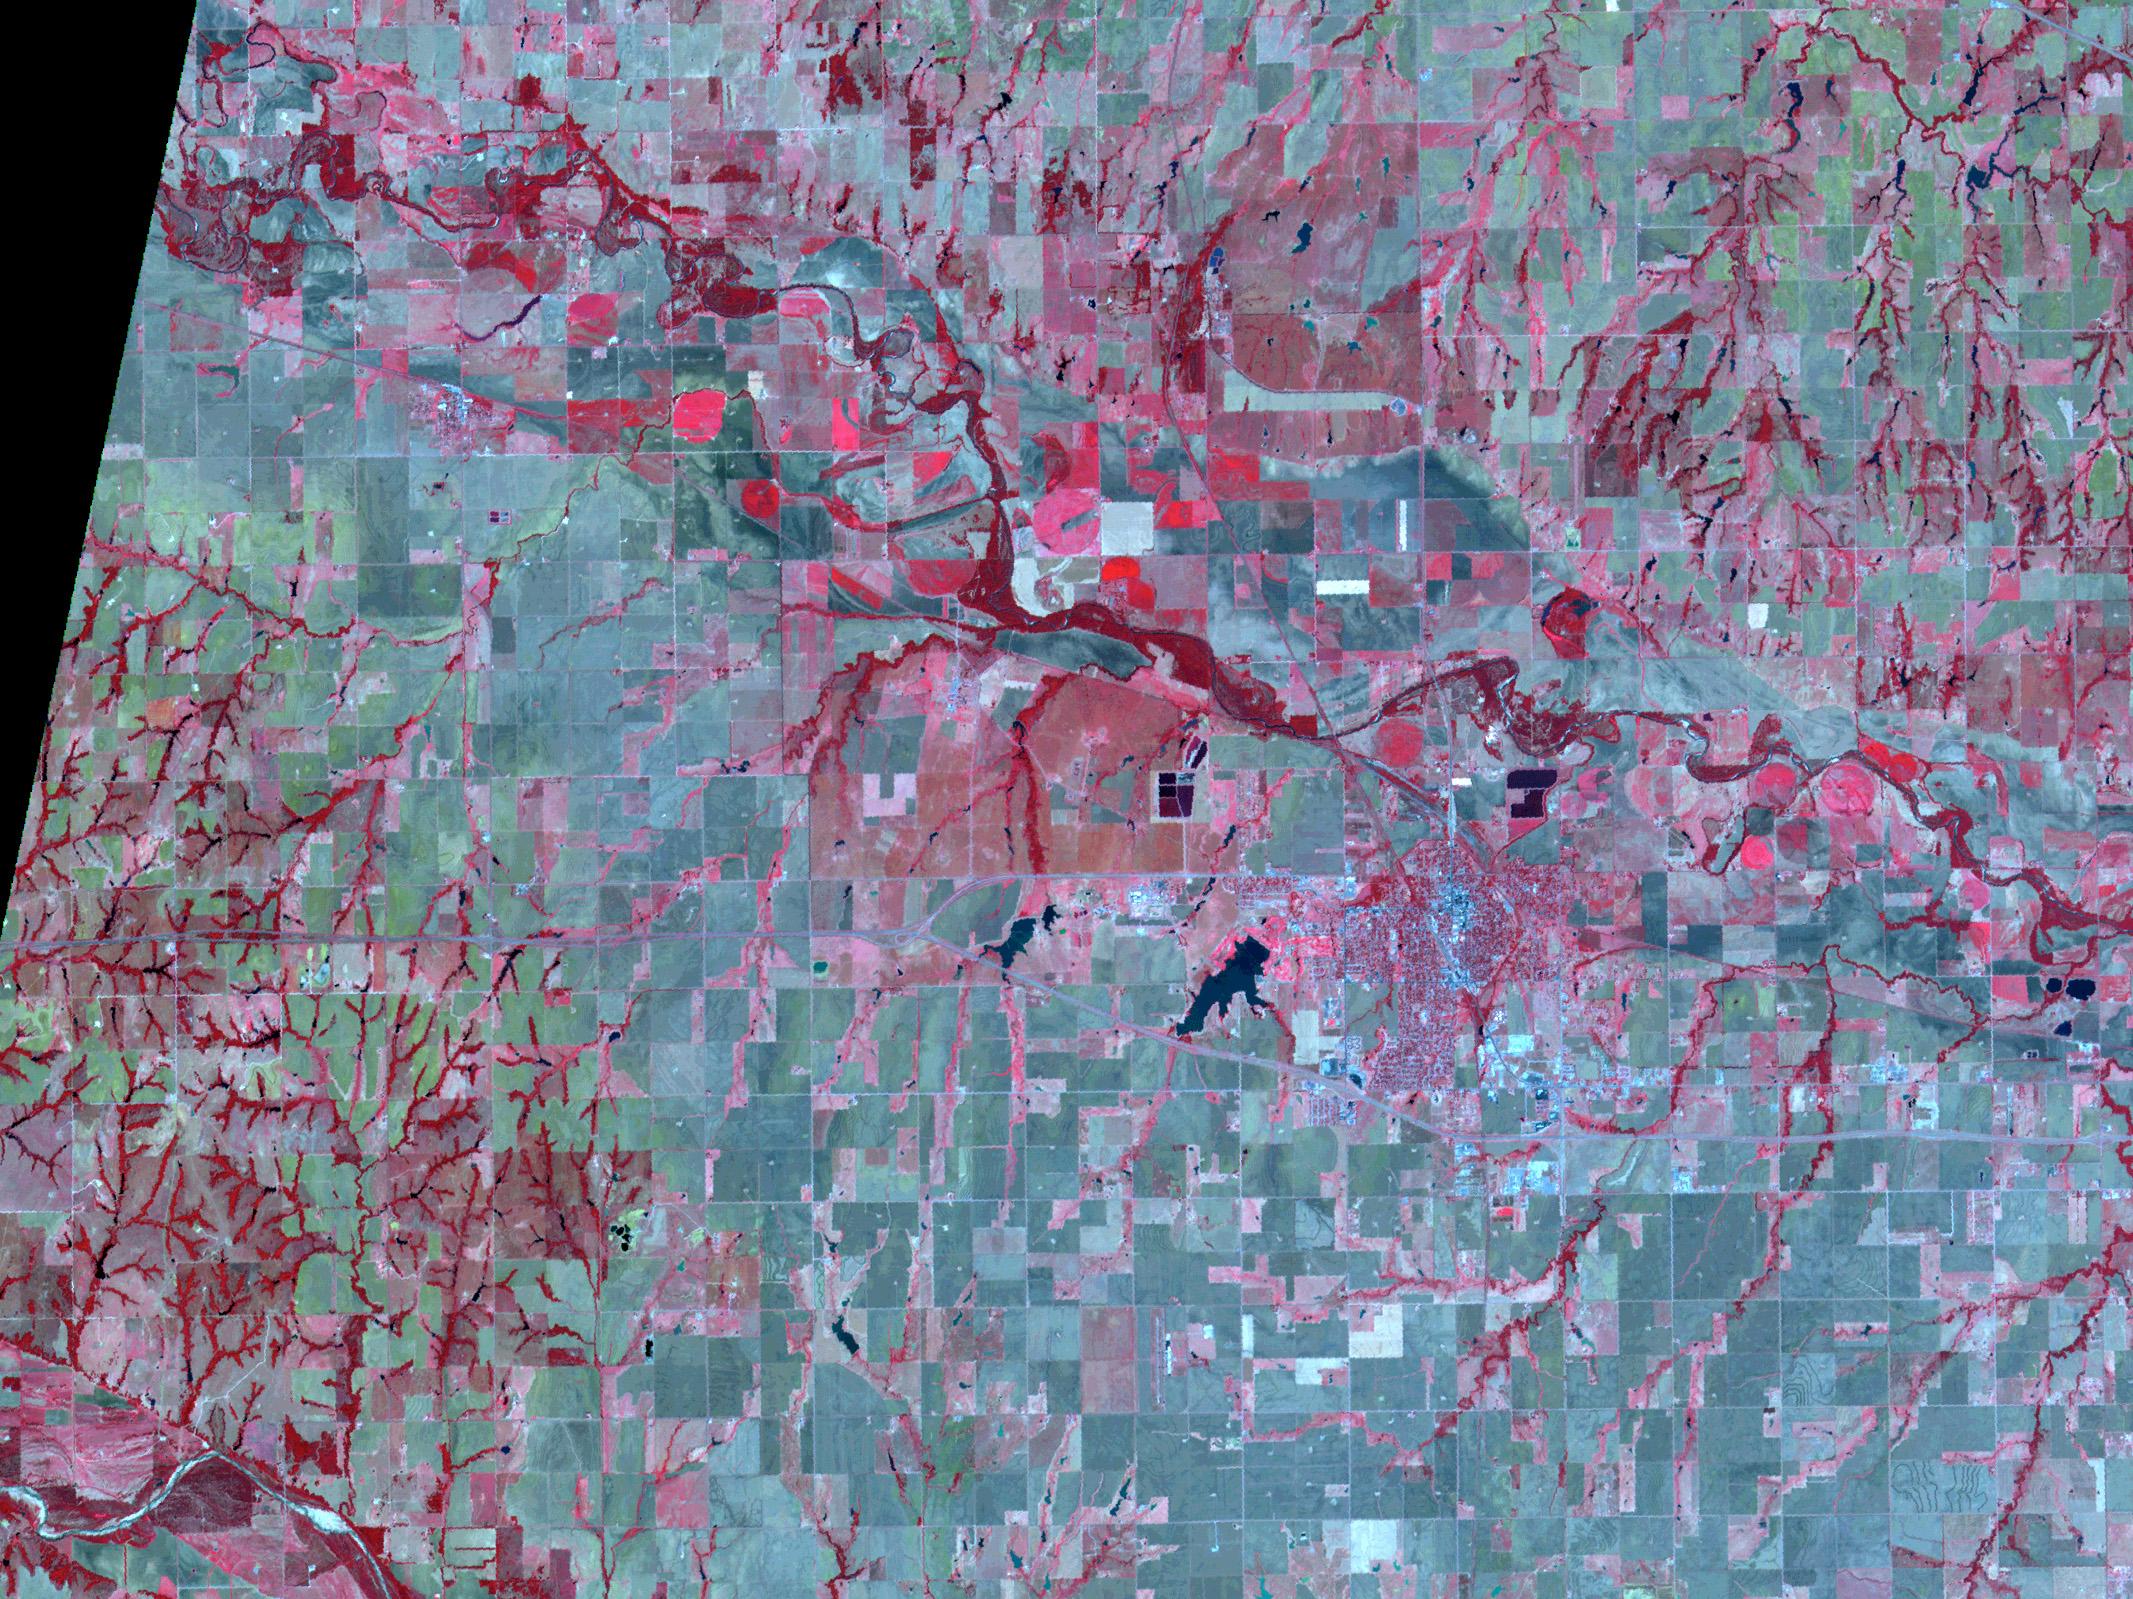 Vista Multiespectral de El Reno, Oklahoma